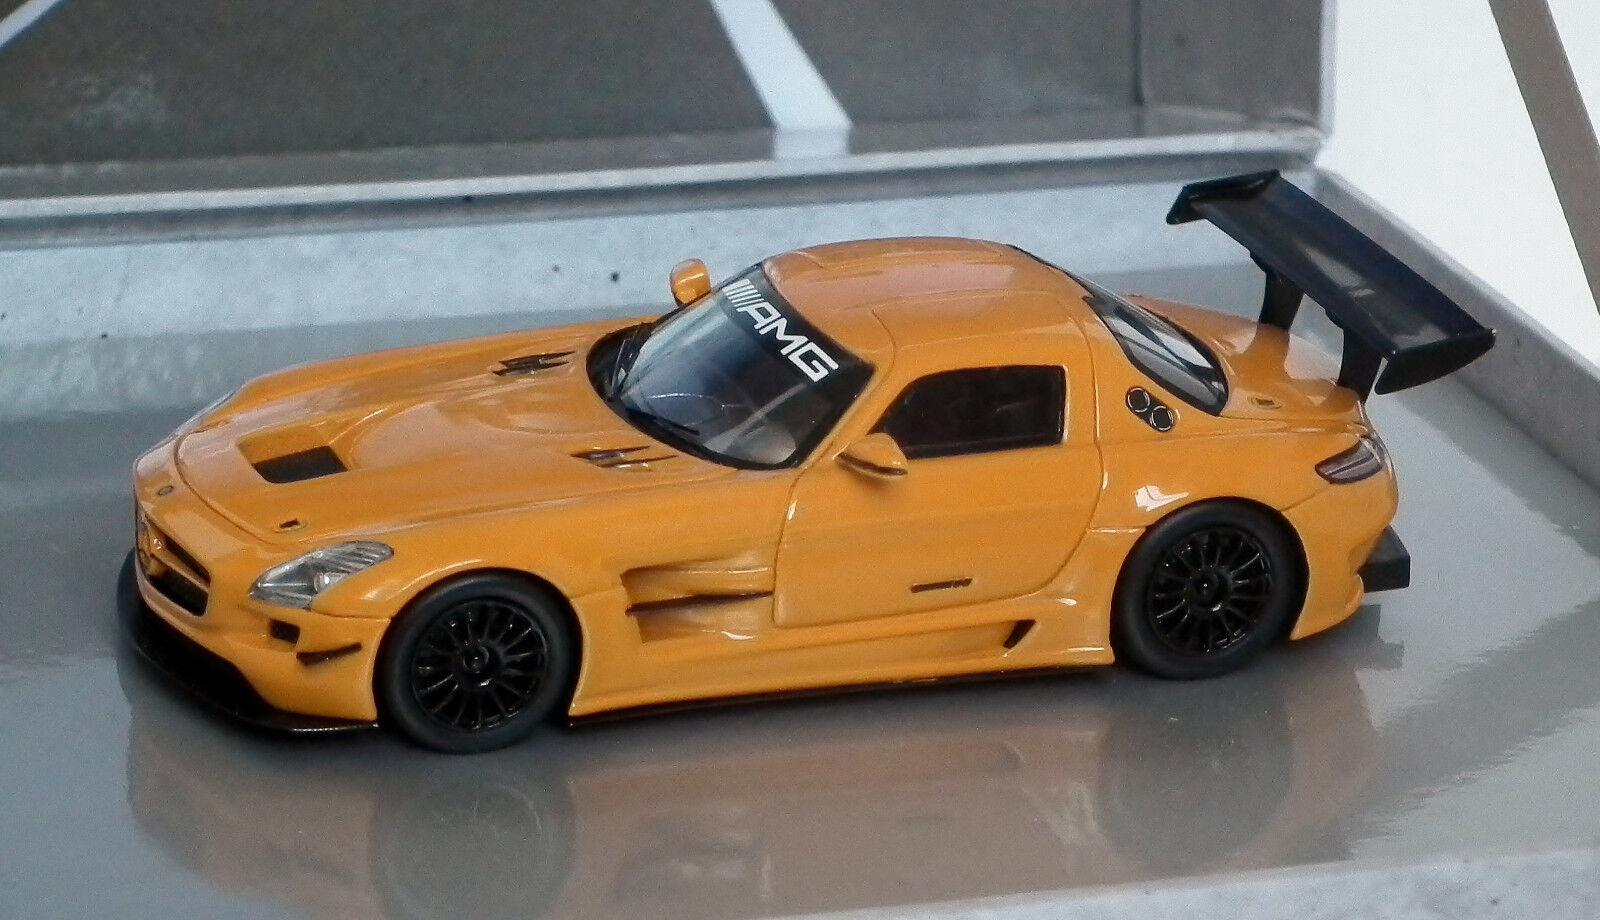 Mercedes Benz Spark Concessionnaire Ed SLS AMG GT3 Orange 1  De 500 1 43 Coffret B6 605 5559  magasin en ligne